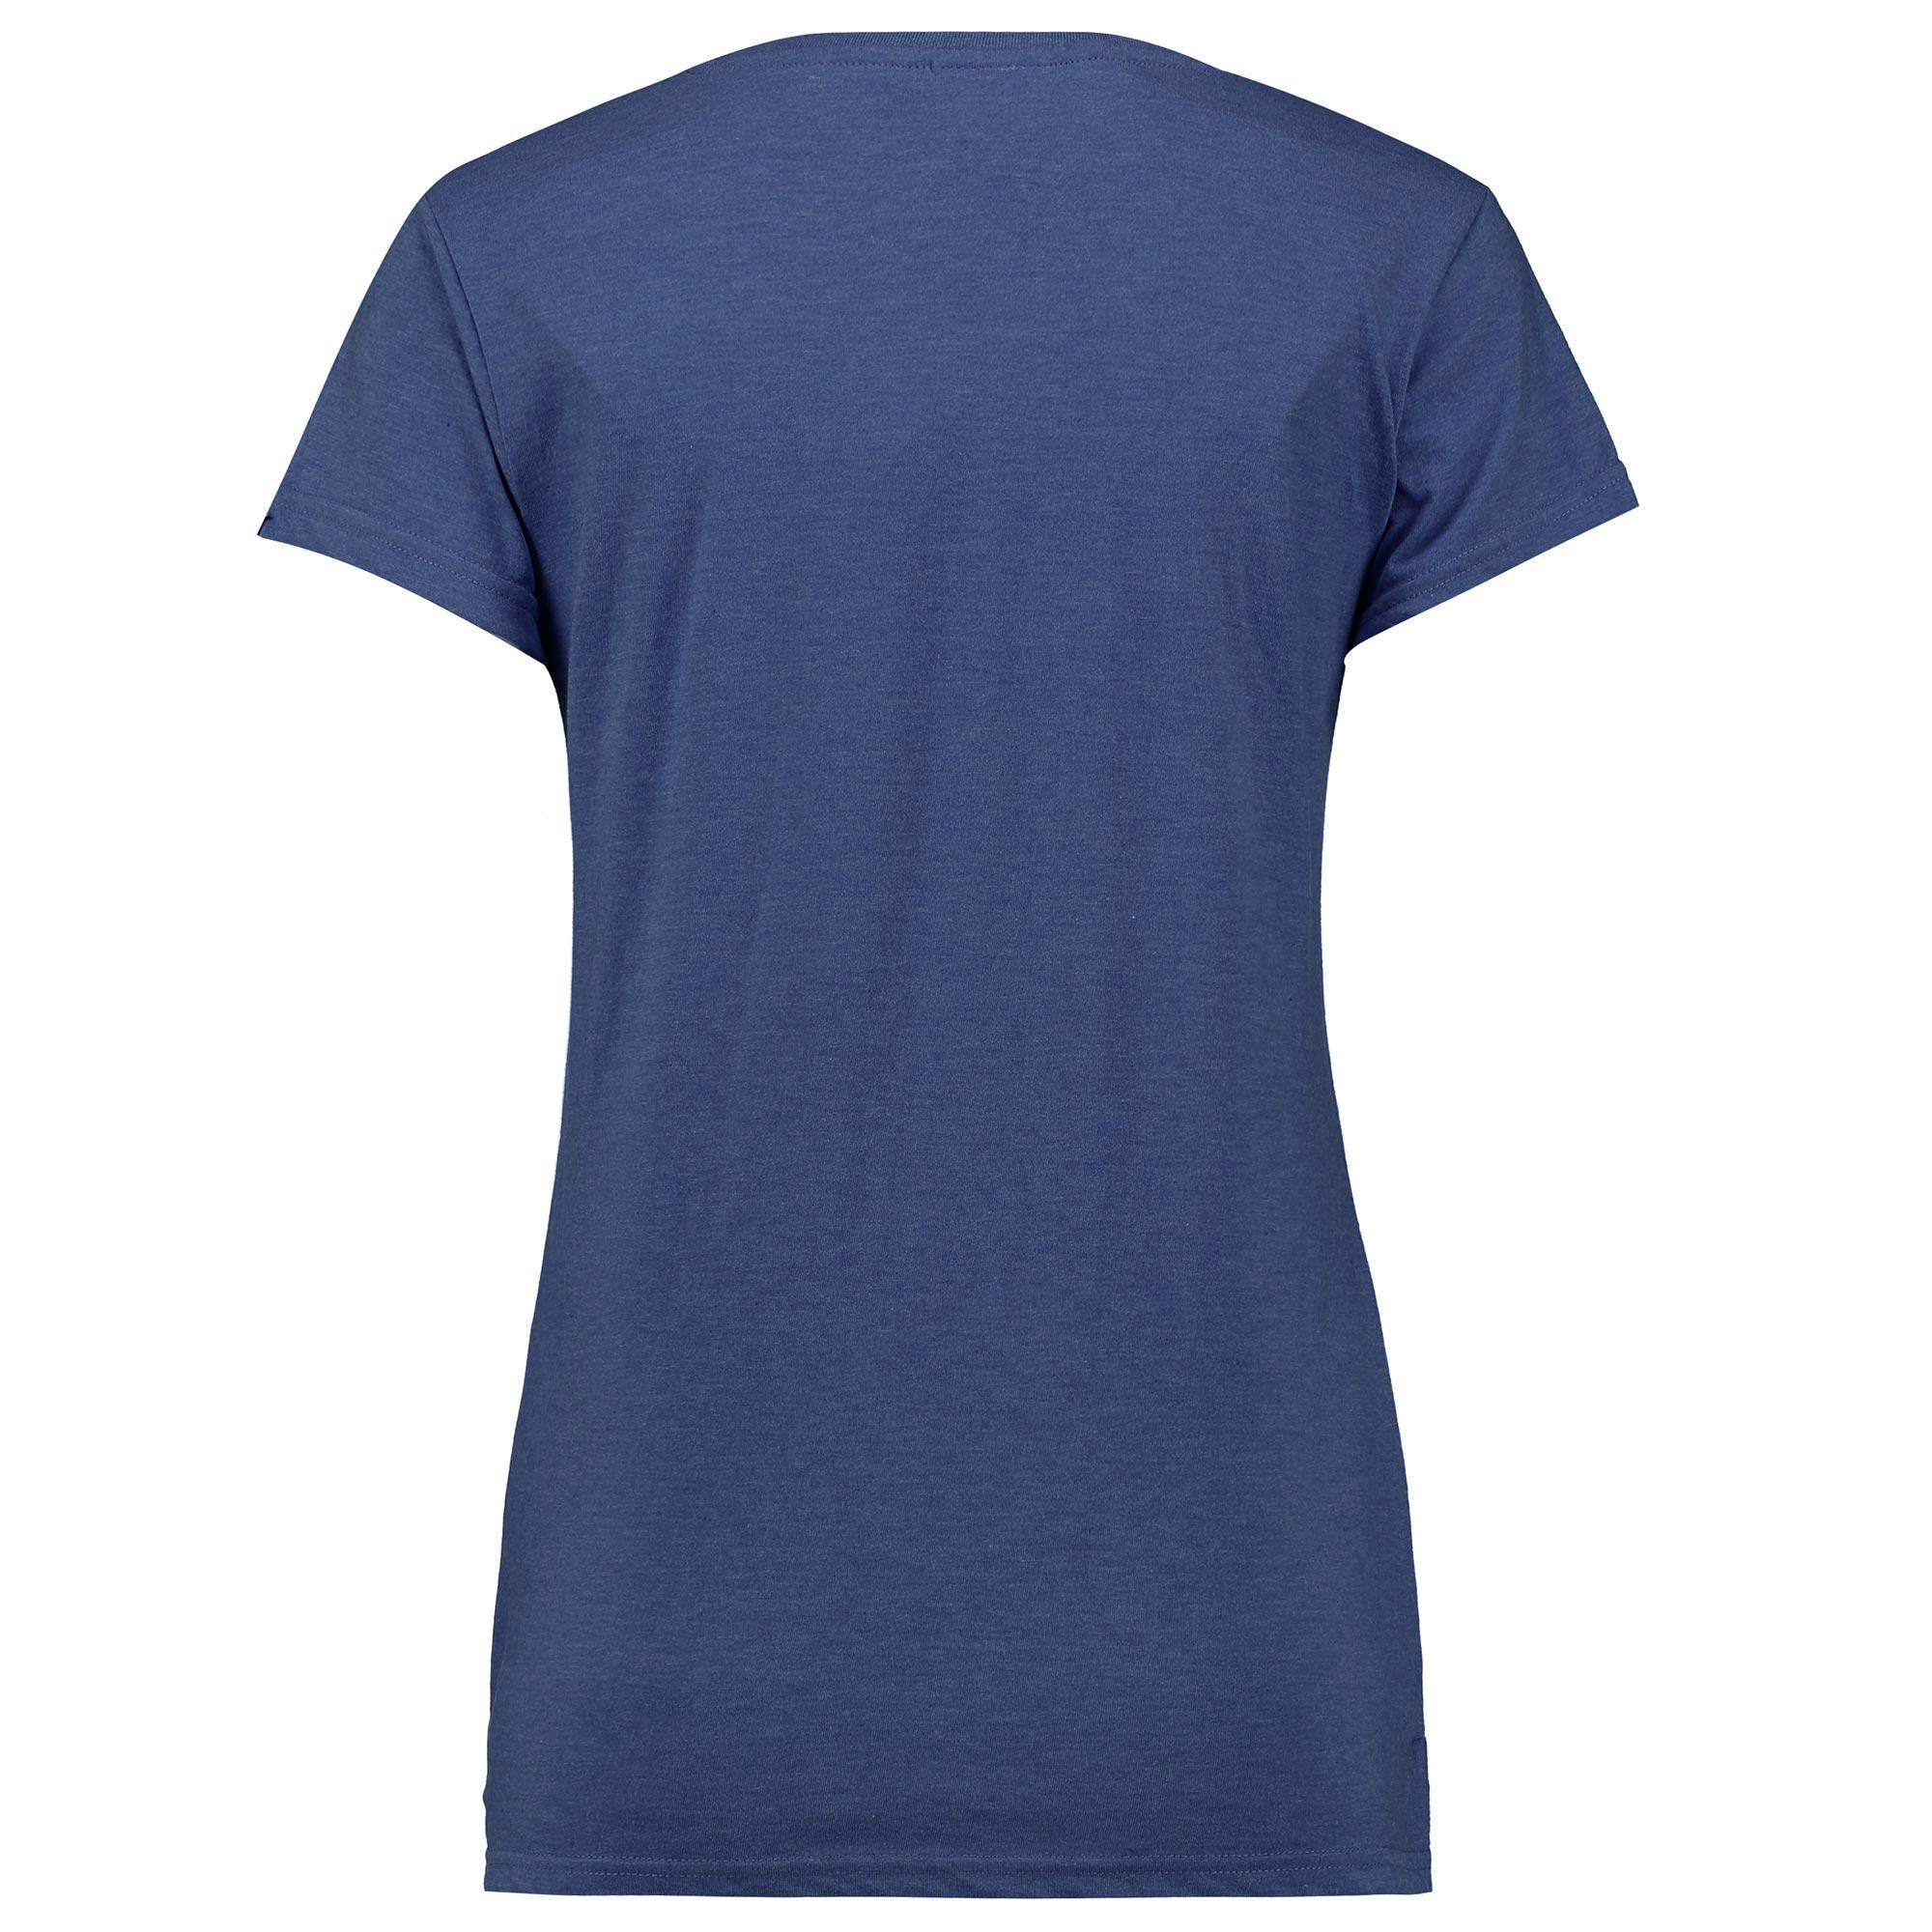 8a1809e8c7cb Popis · Na stiahnutie · Podobný tovar. Dámske tričko Everton ...